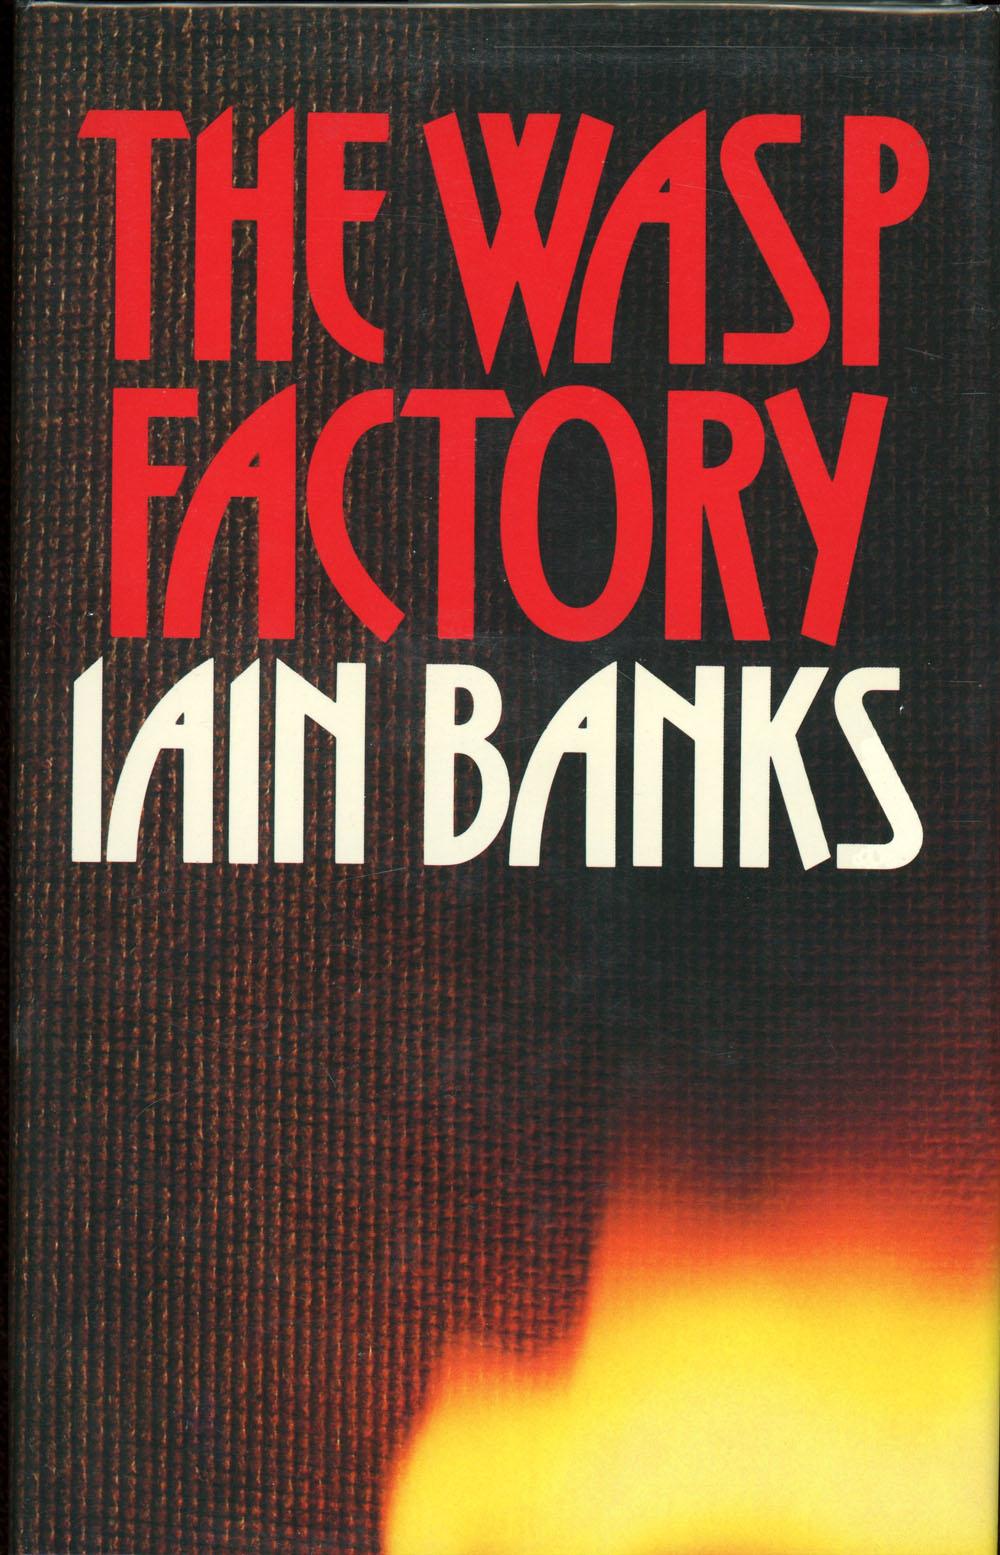 Иэн Бэнкс — Осиная фабрика (1984)